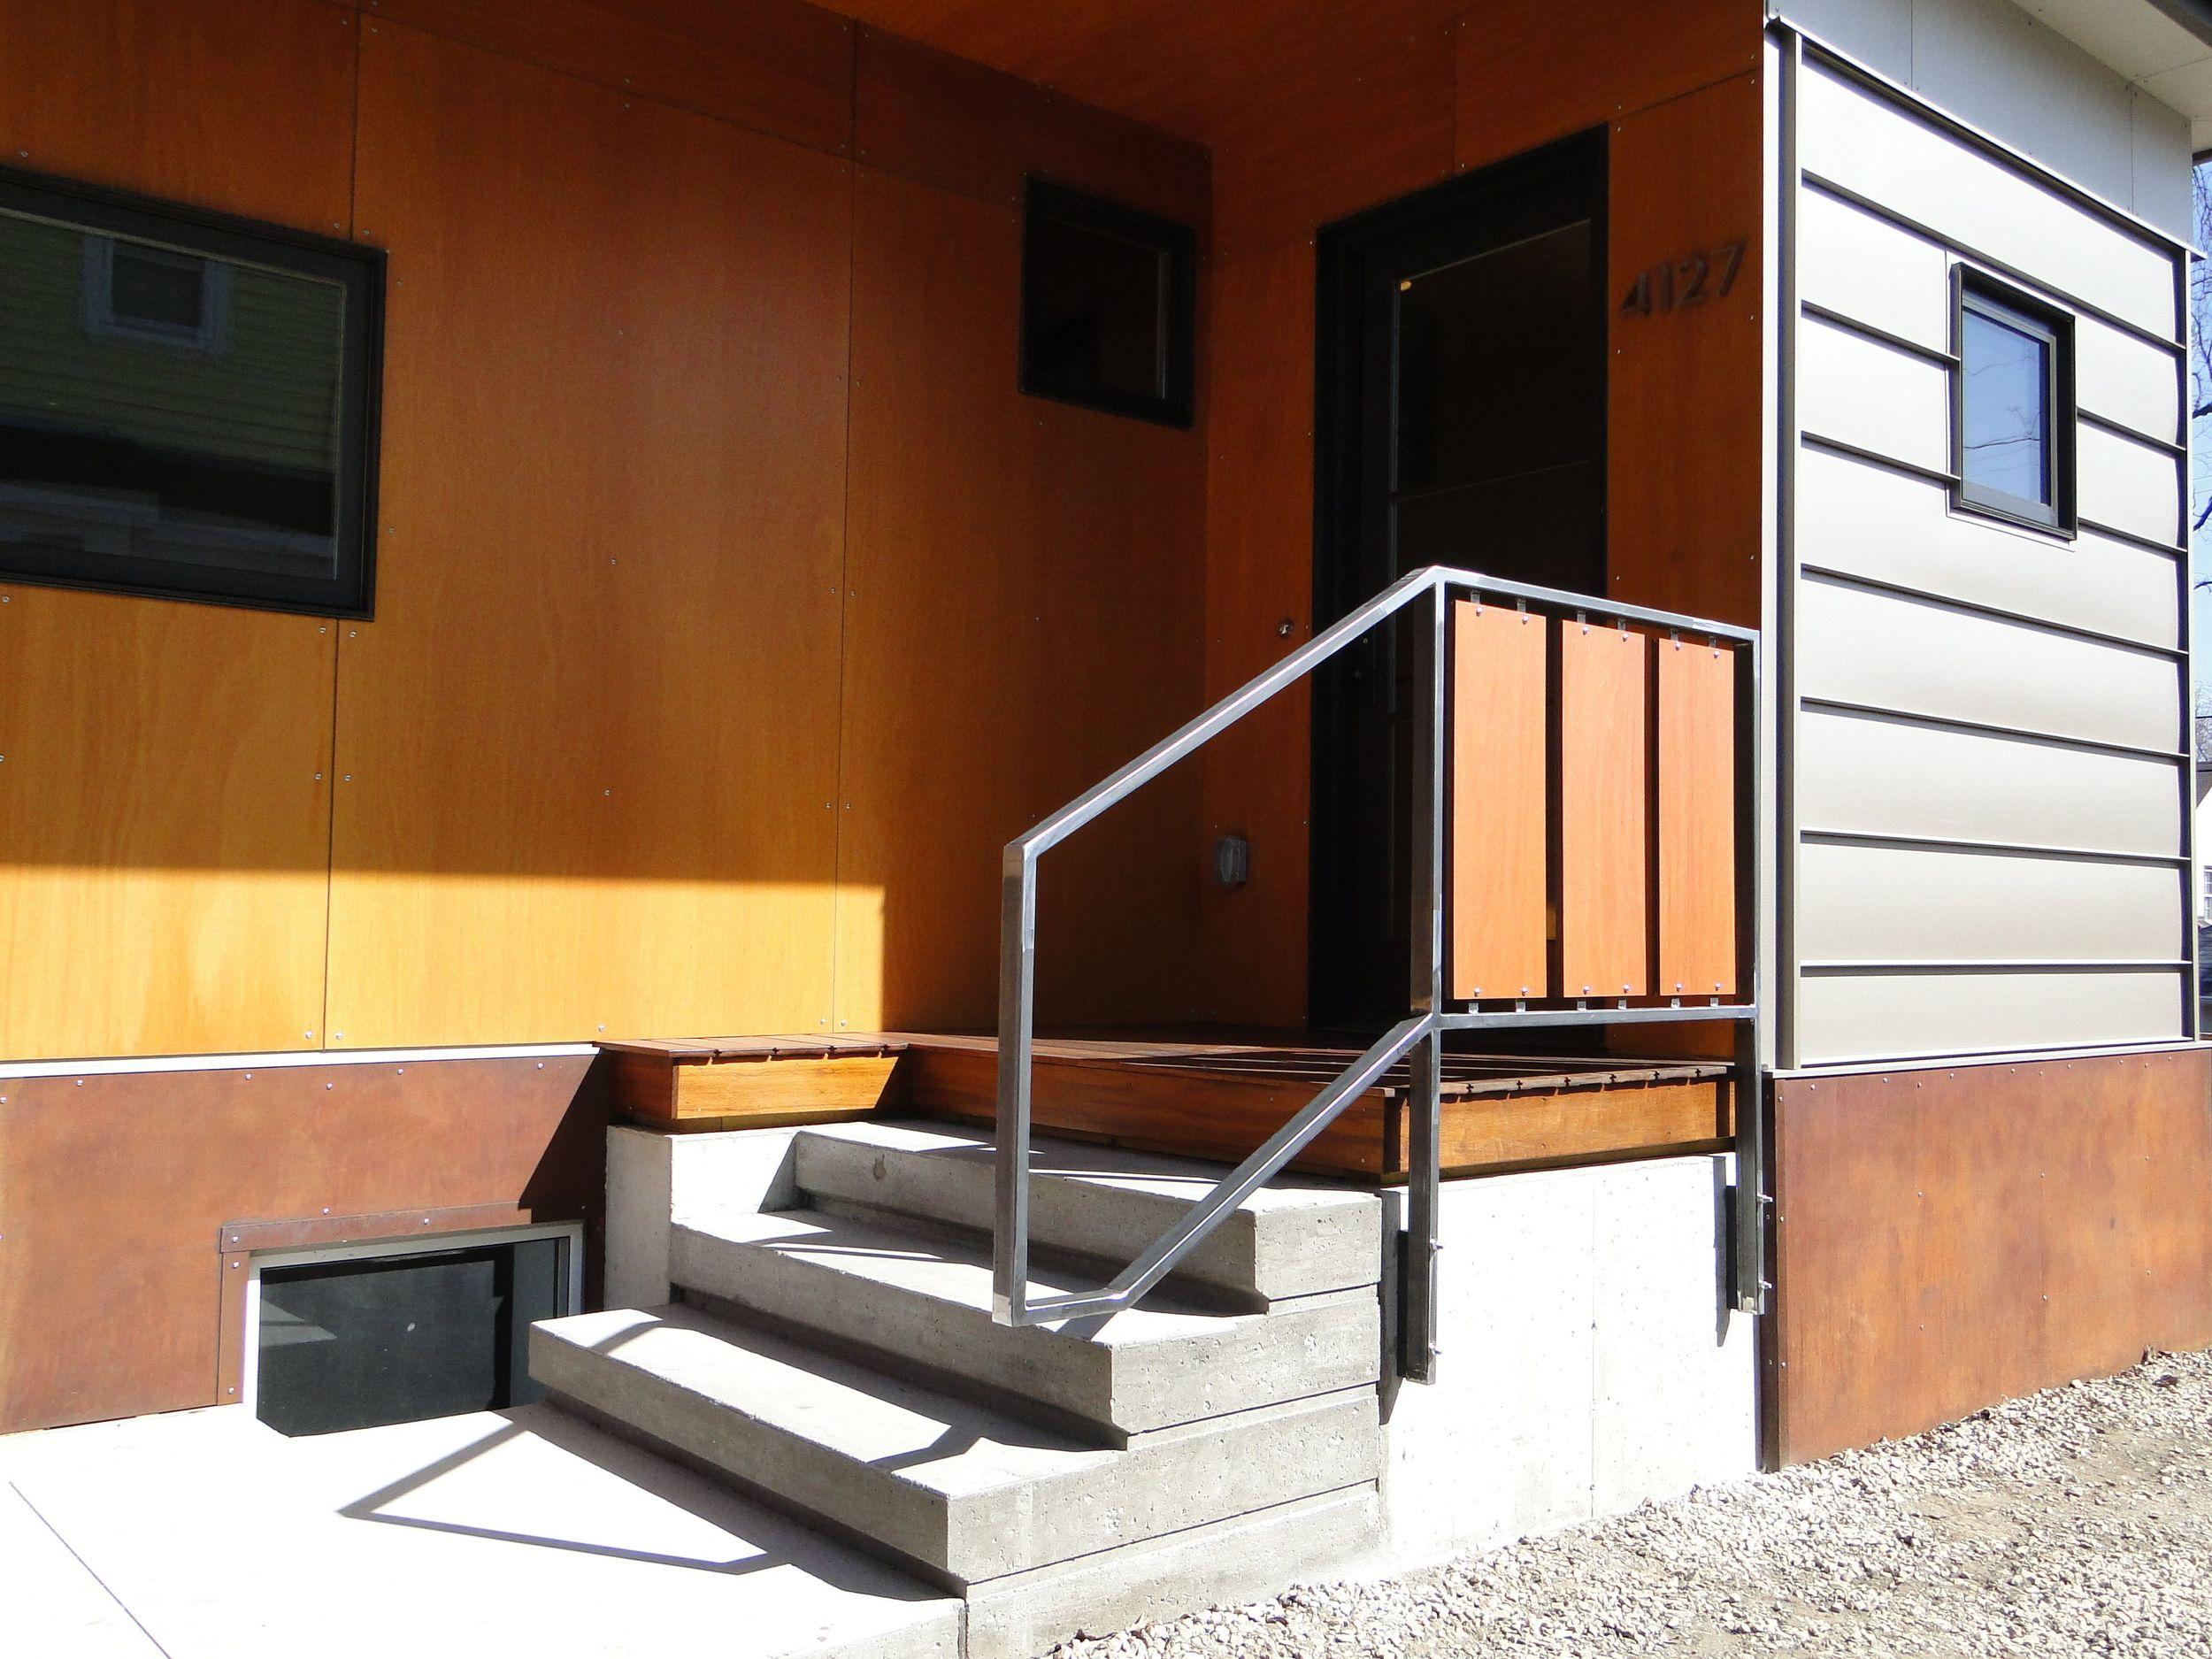 Abbott-ext stairs3.jpg